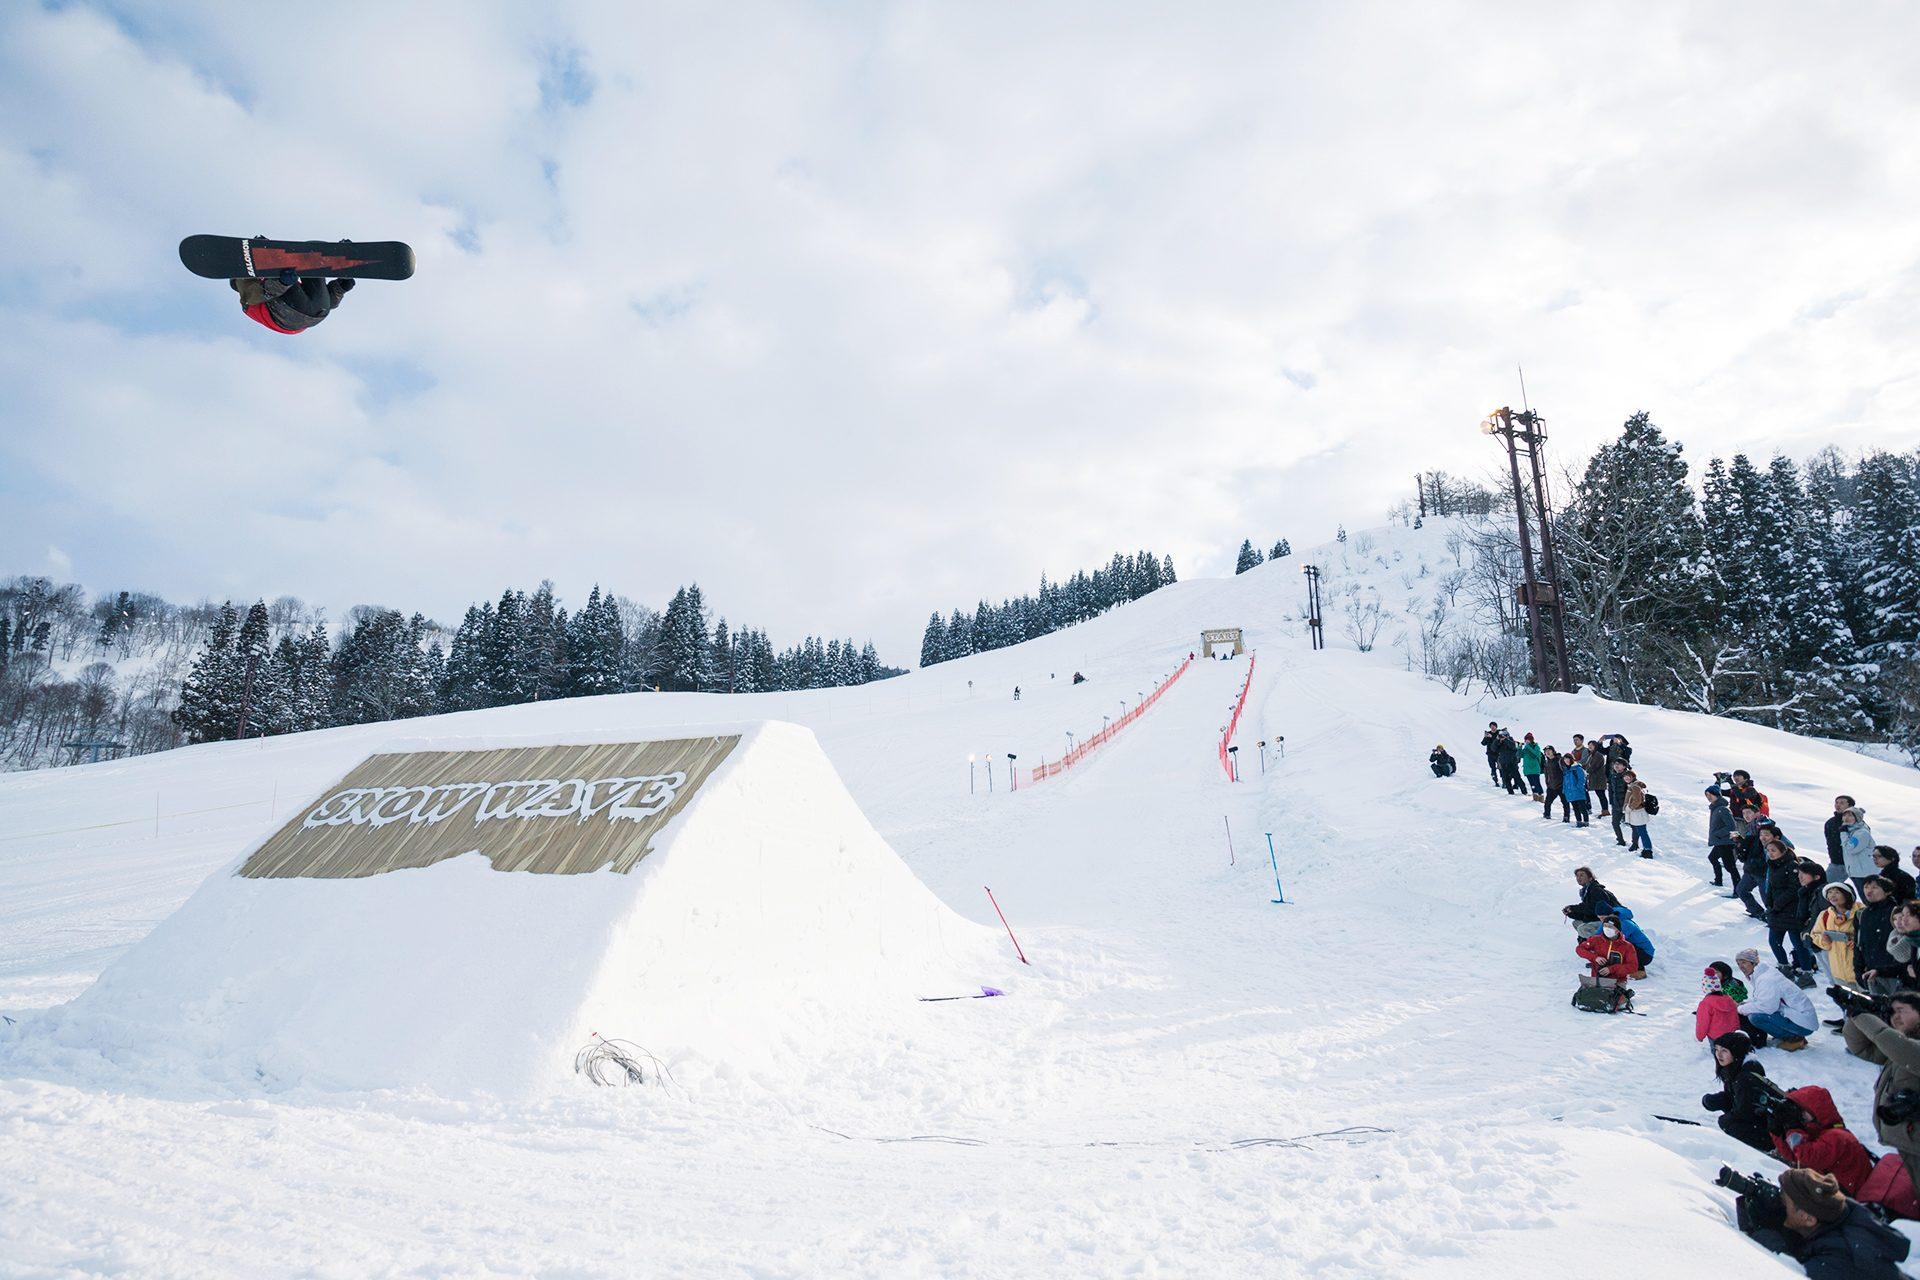 技に自信のスノーボーダーたちが集結! 大迫力の特大ワンメイクジャンプ大会!